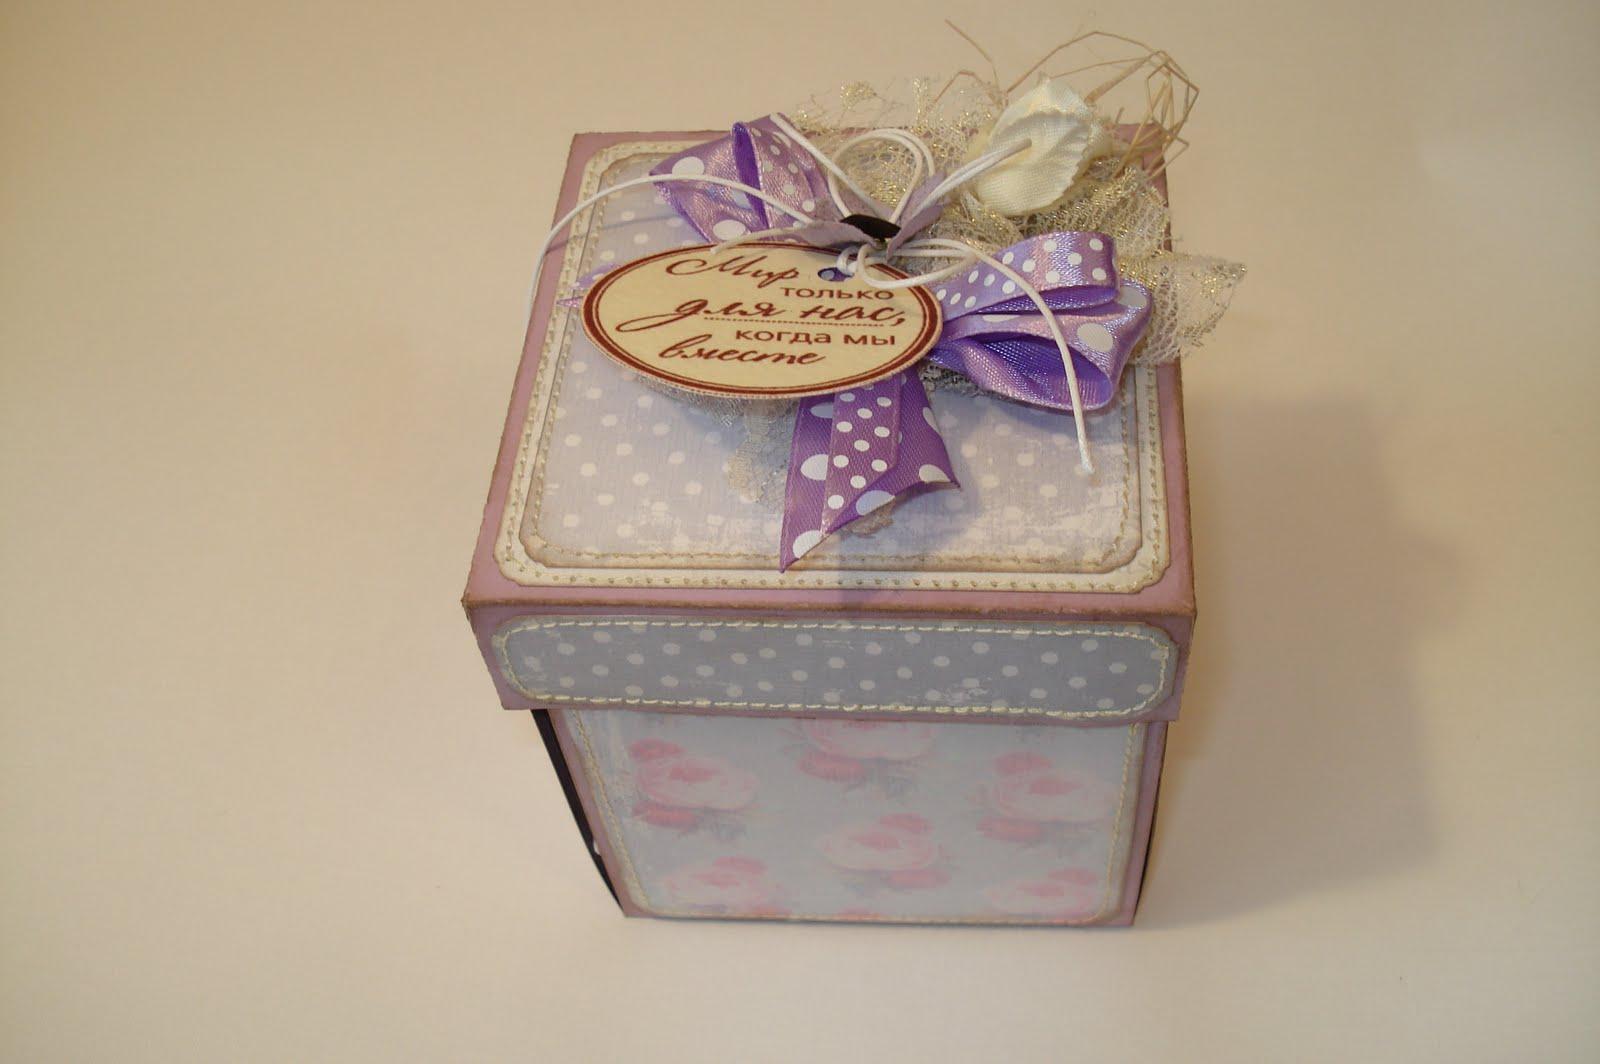 Коробки для подарков скрапбукинг - Как сделать подарочную коробку своими руками, мастер